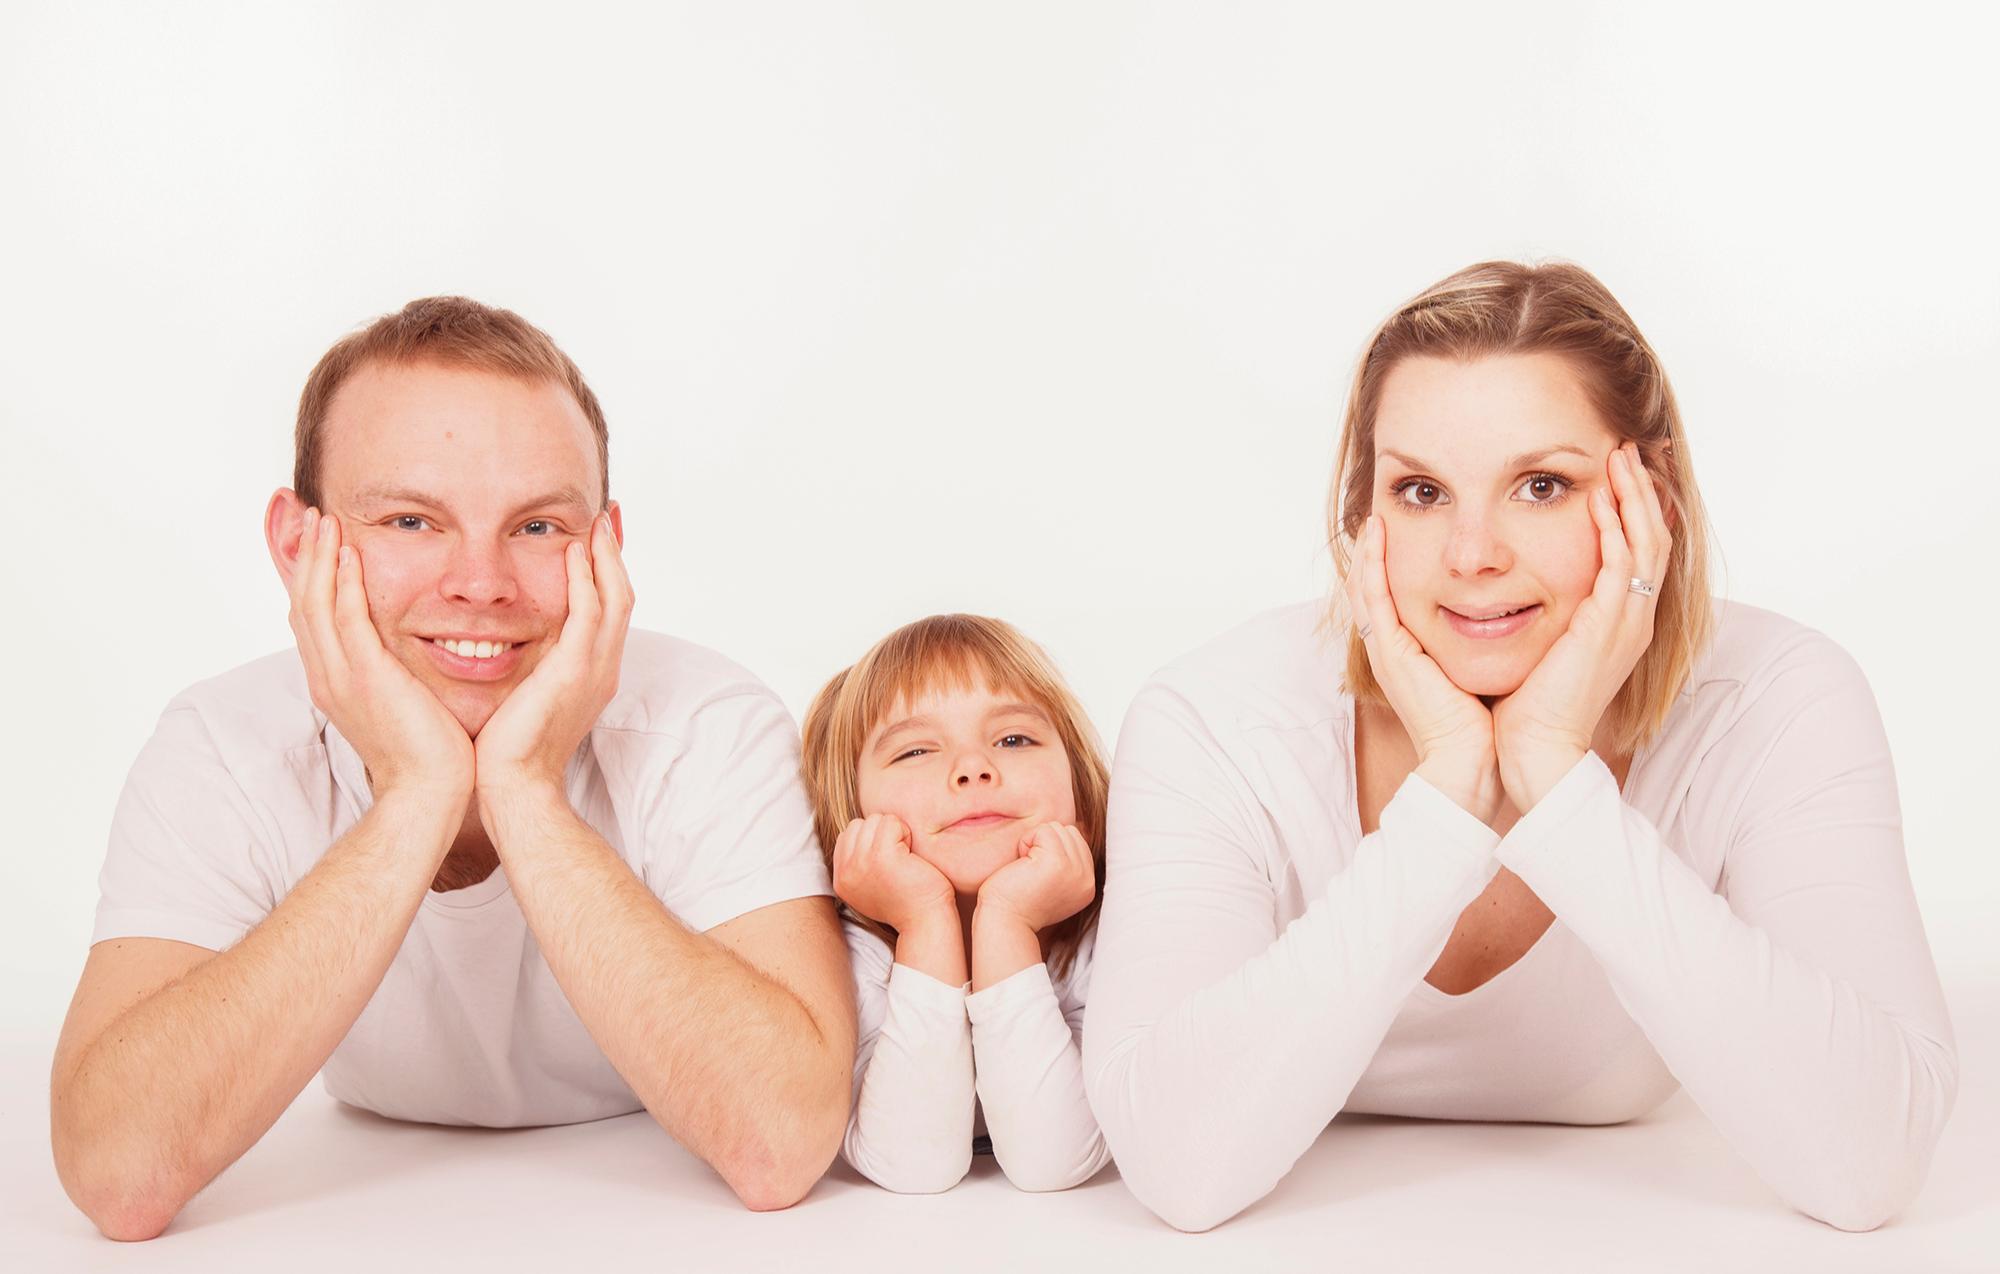 familien-fotoshooting-goettingen-bg1